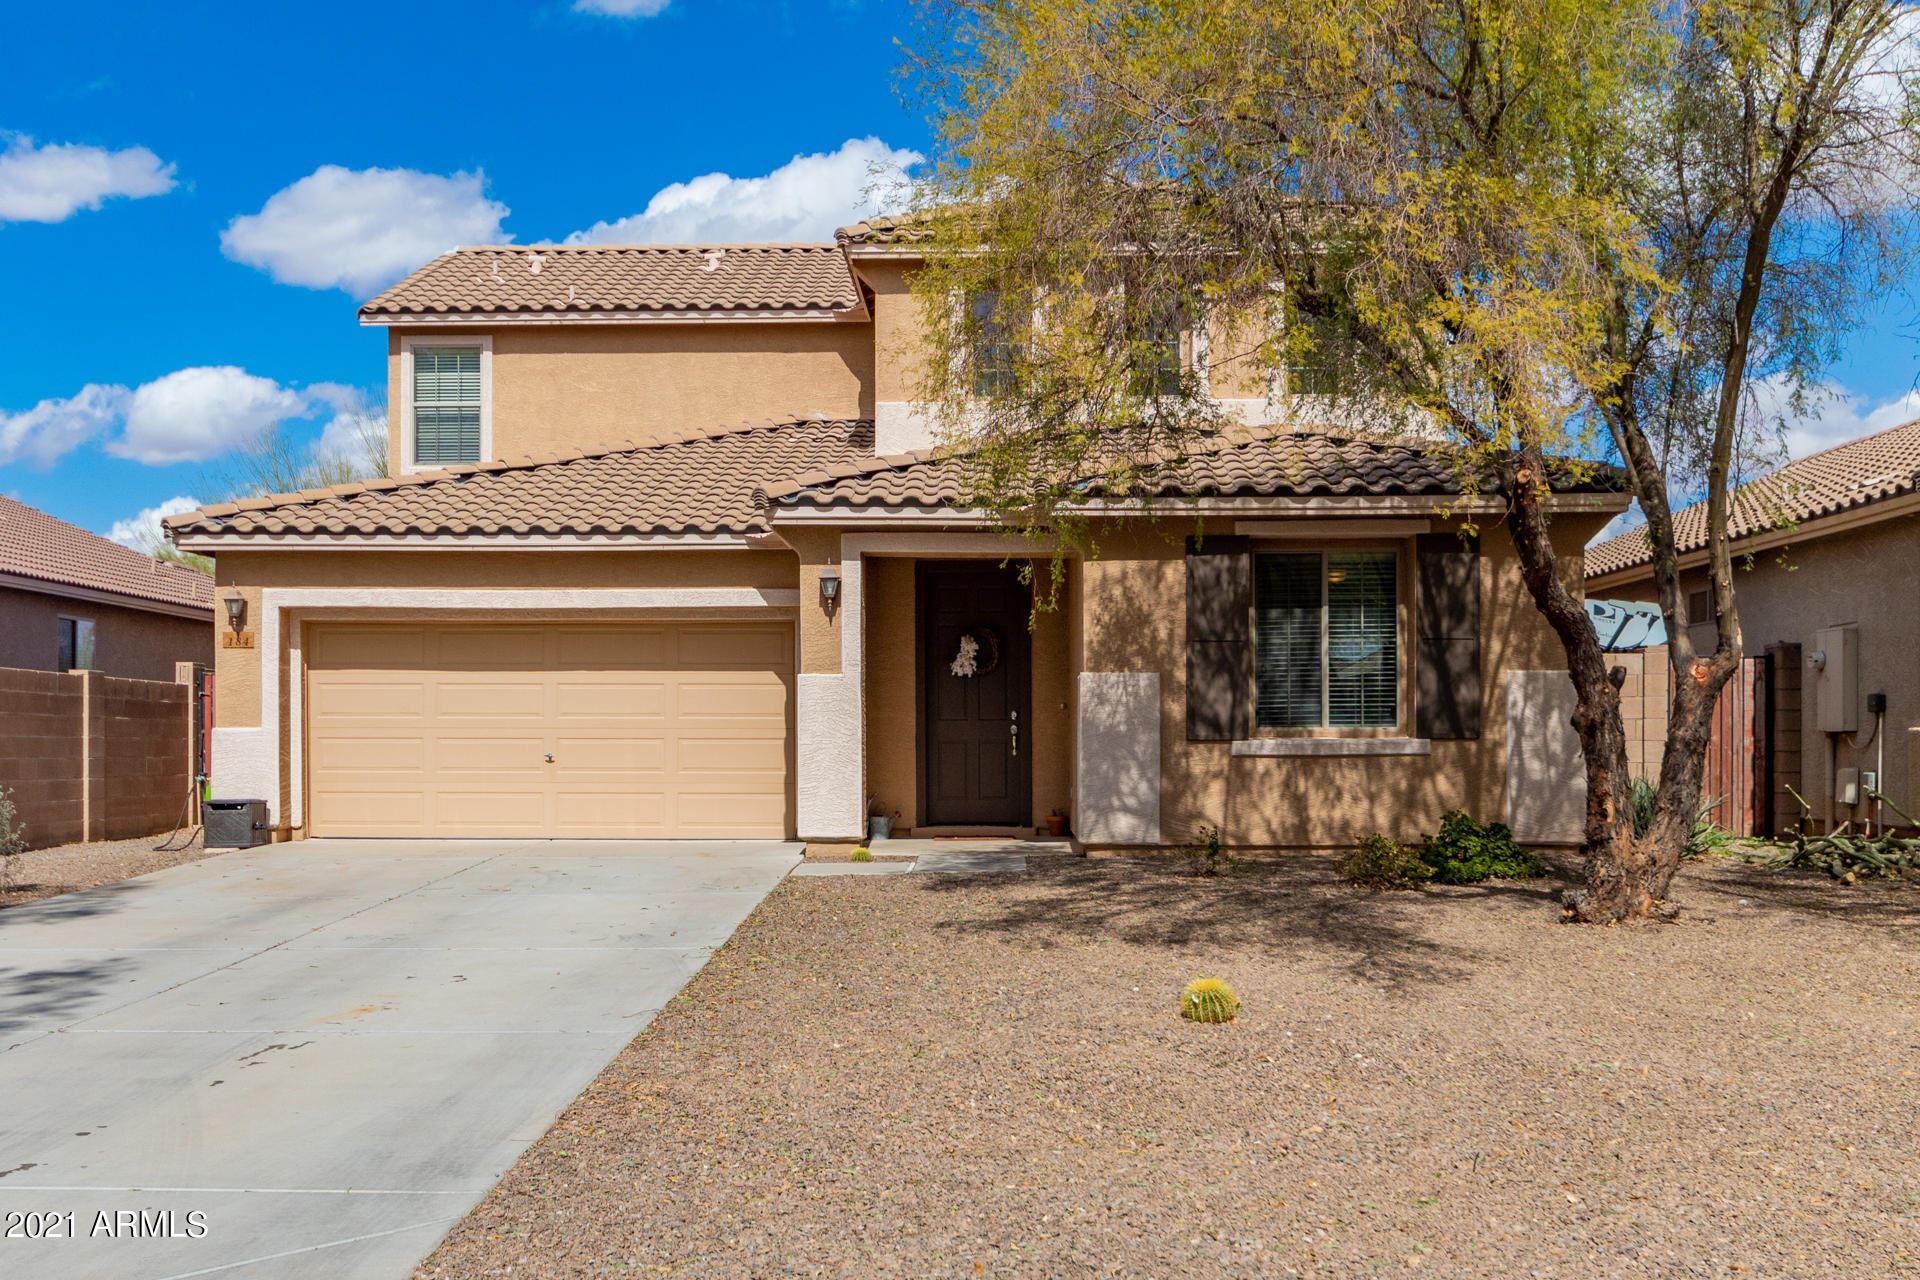 Photo of 184 W Love Road, Queen Creek, AZ 85143 (MLS # 6201490)